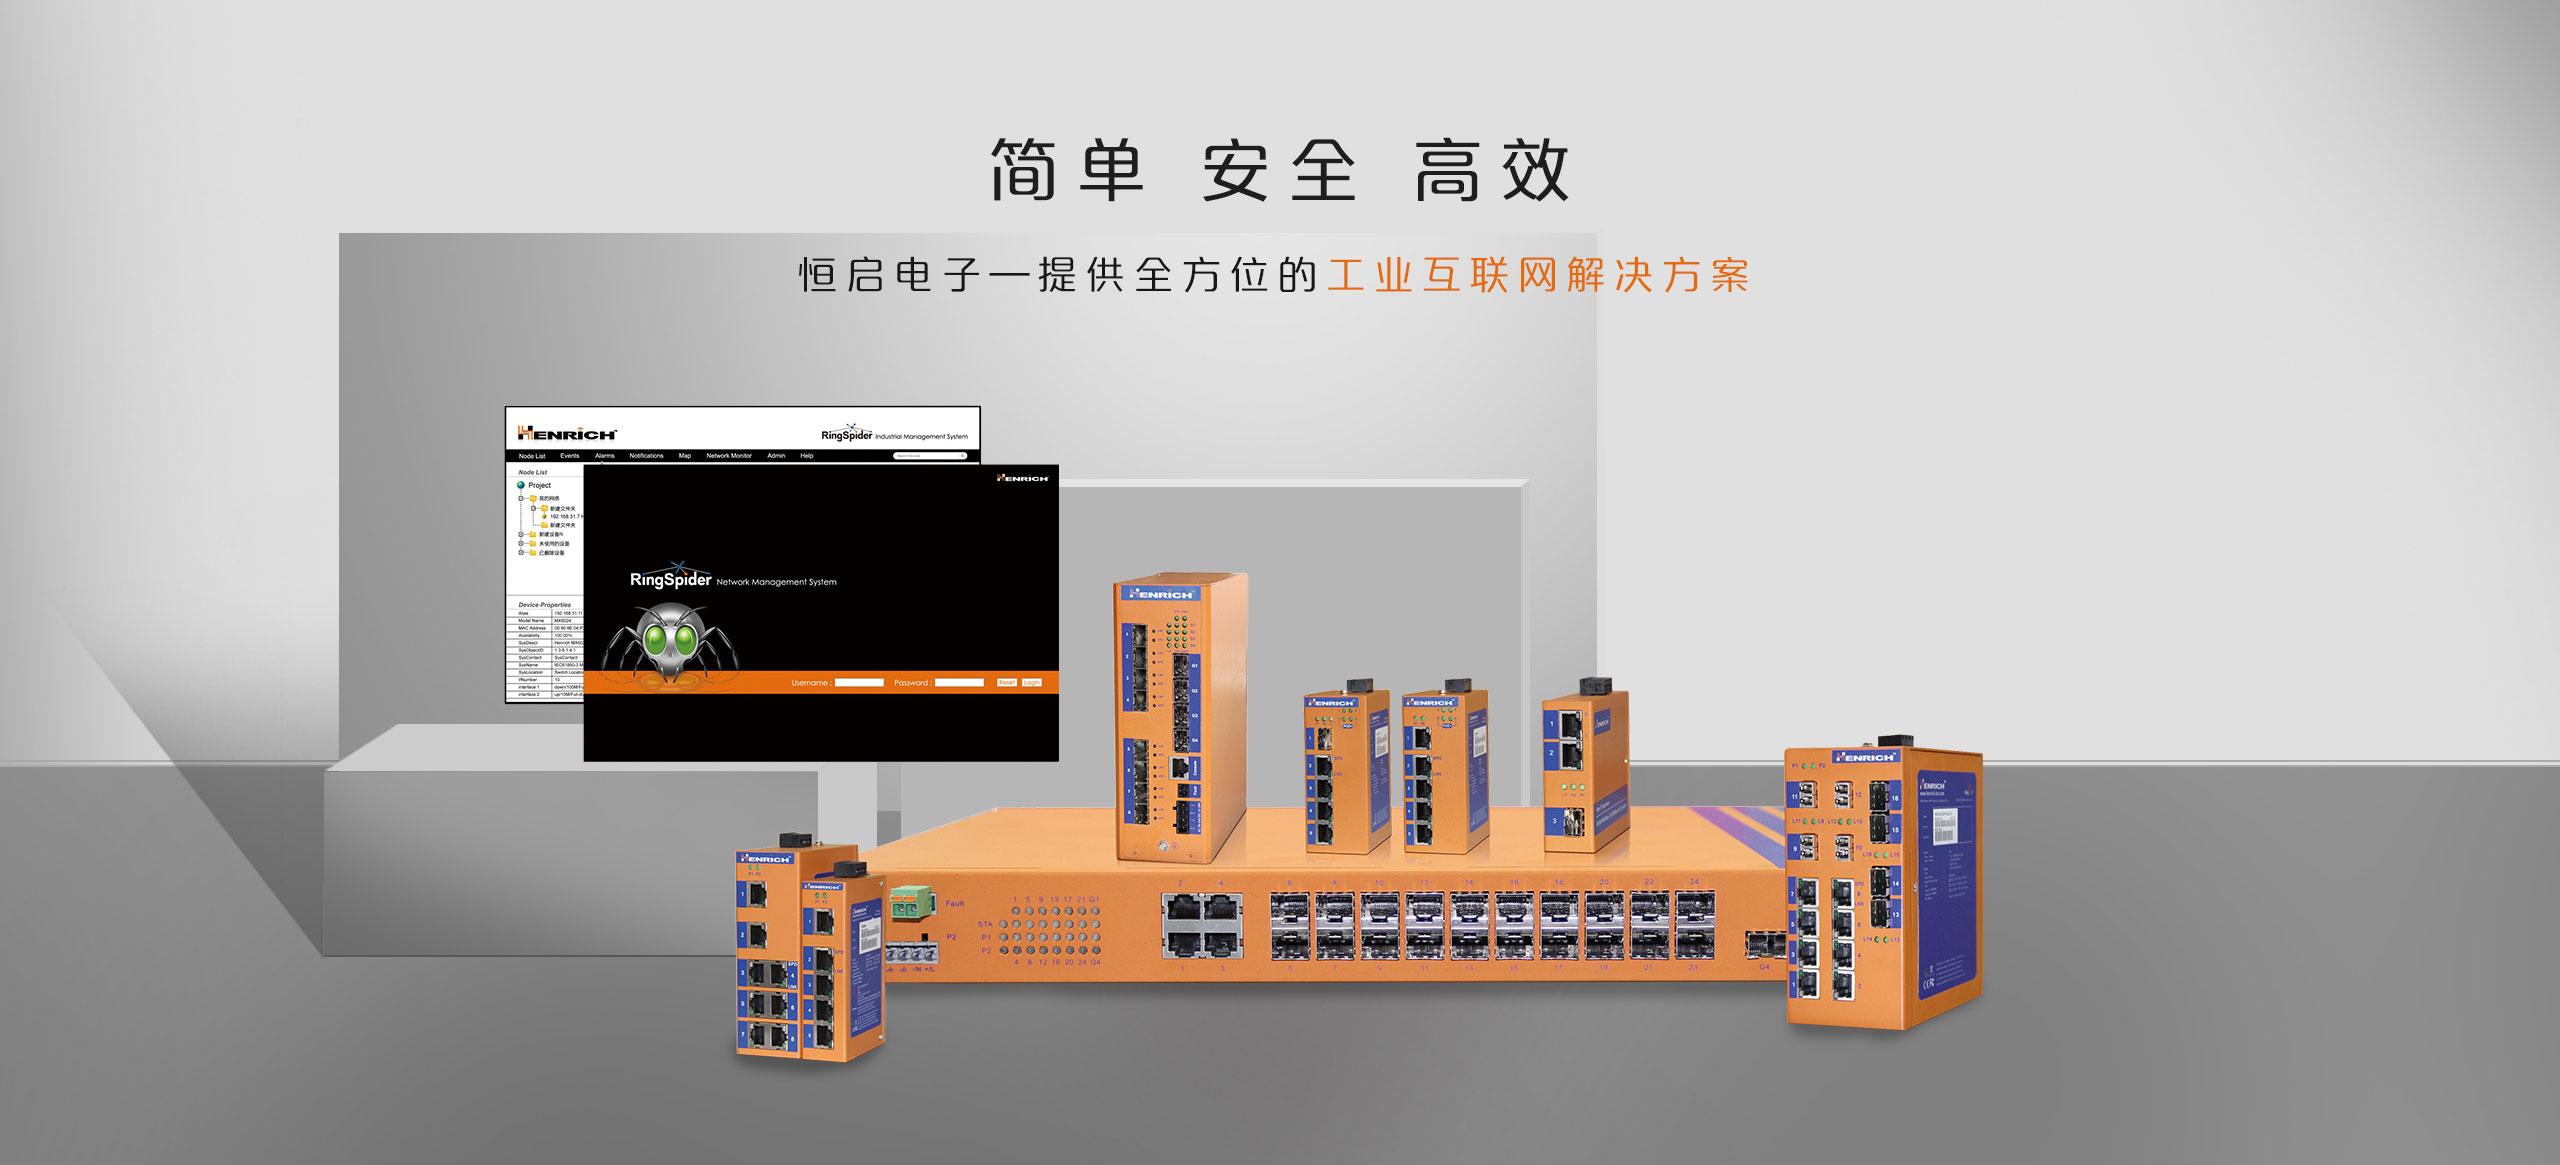 恆啟工業互聯網解決方案(an)